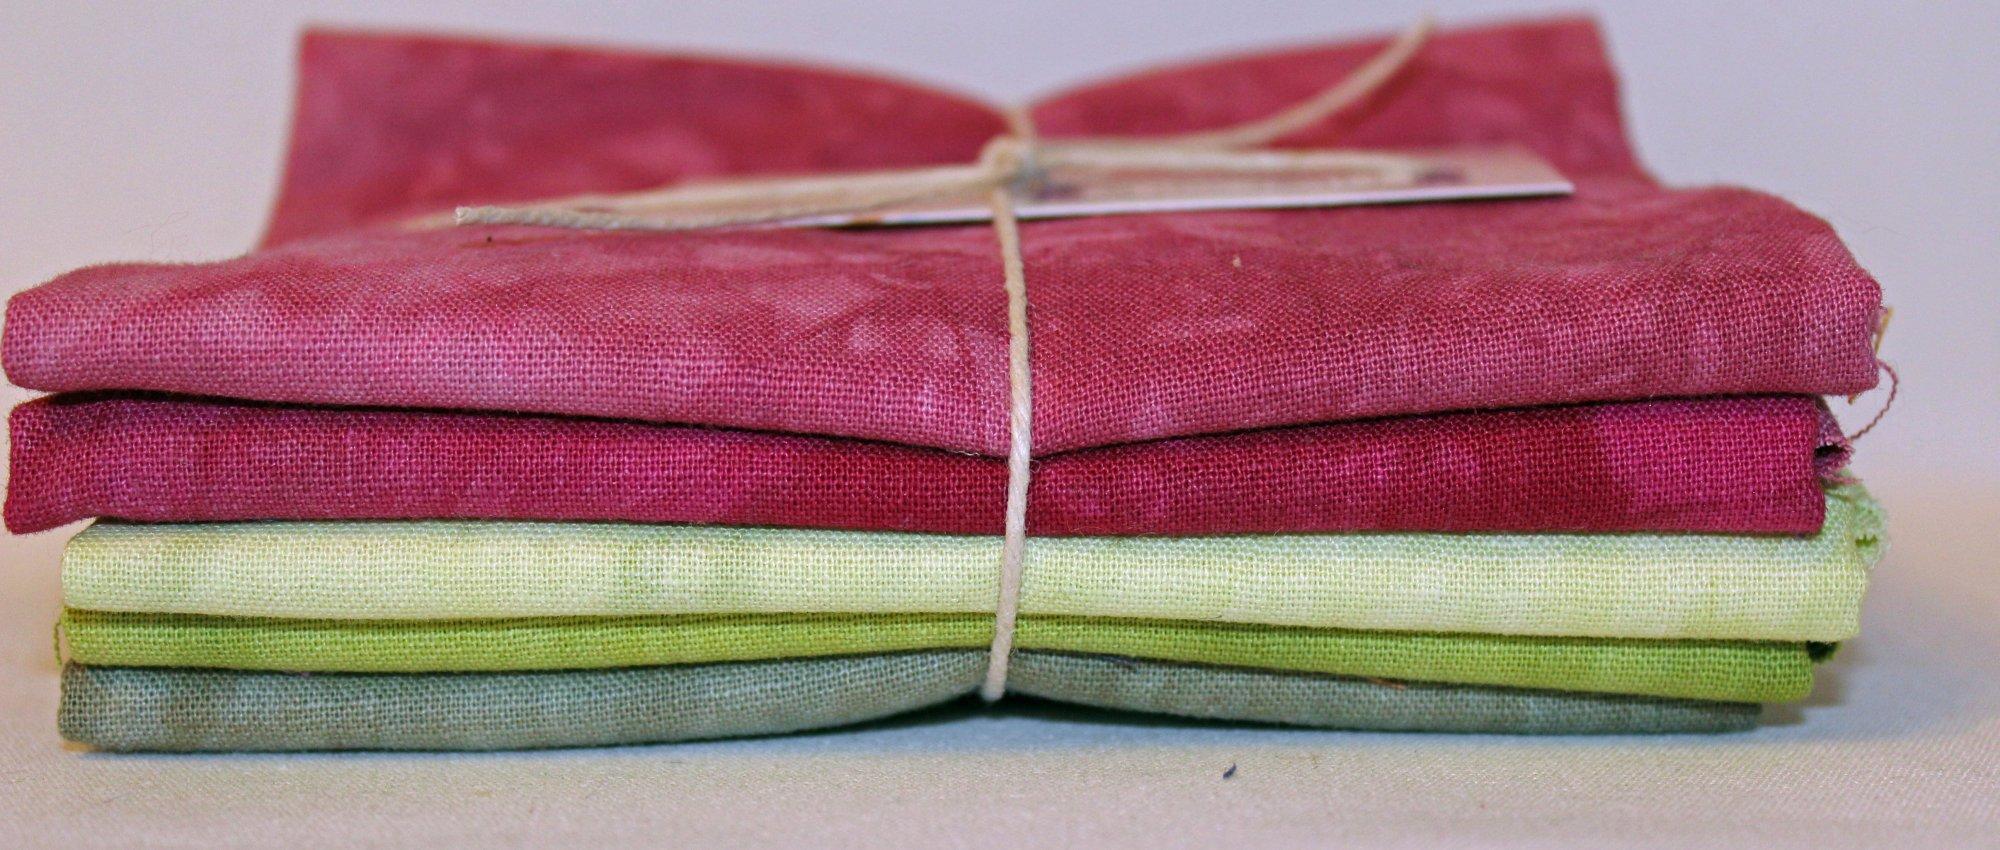 Briar Patch Hand-dyed Linen Fat Quarter 5pc Set